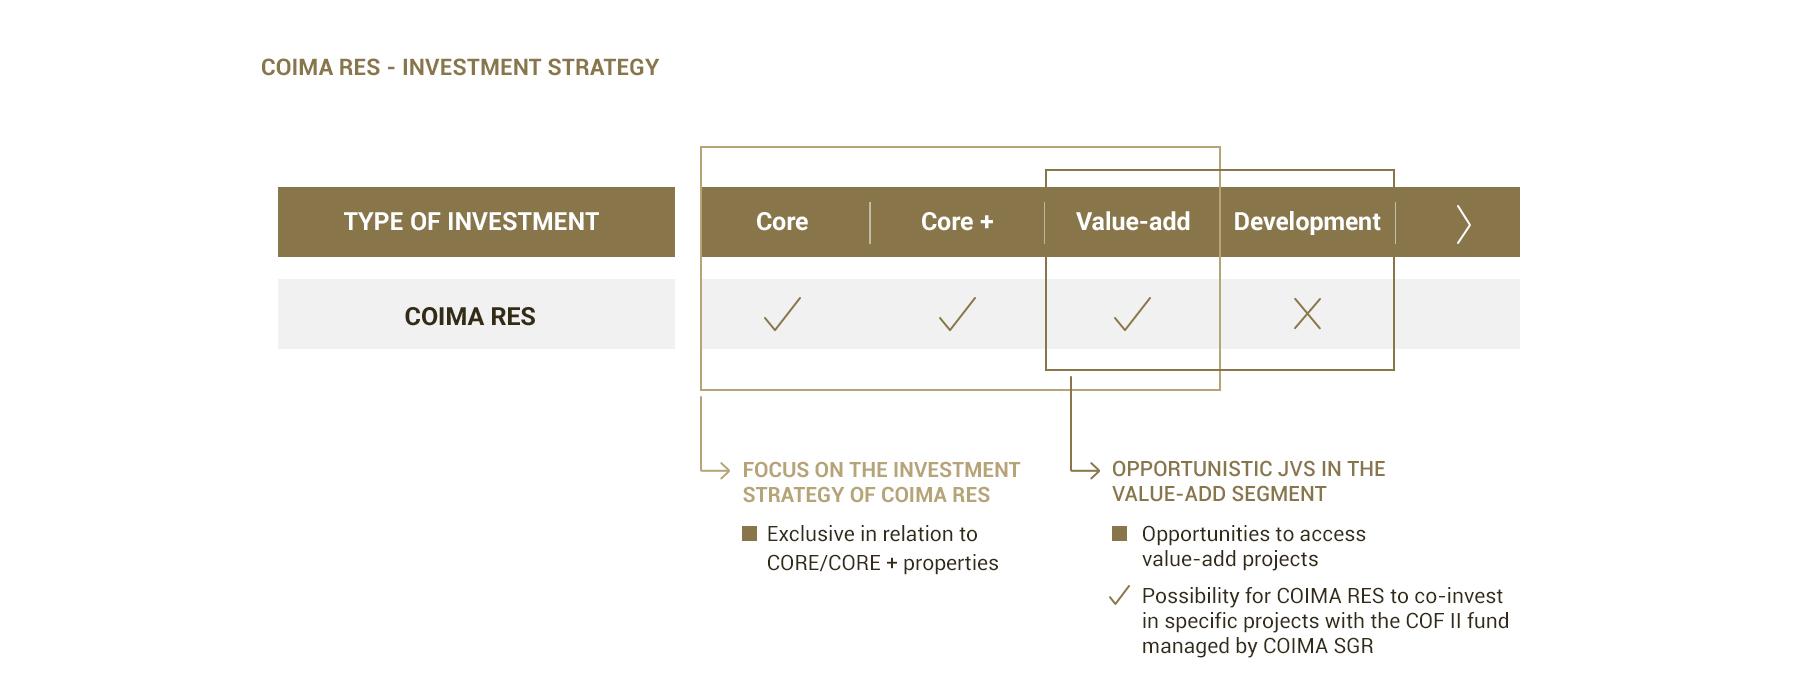 COIMA RES - Strategia di investimento